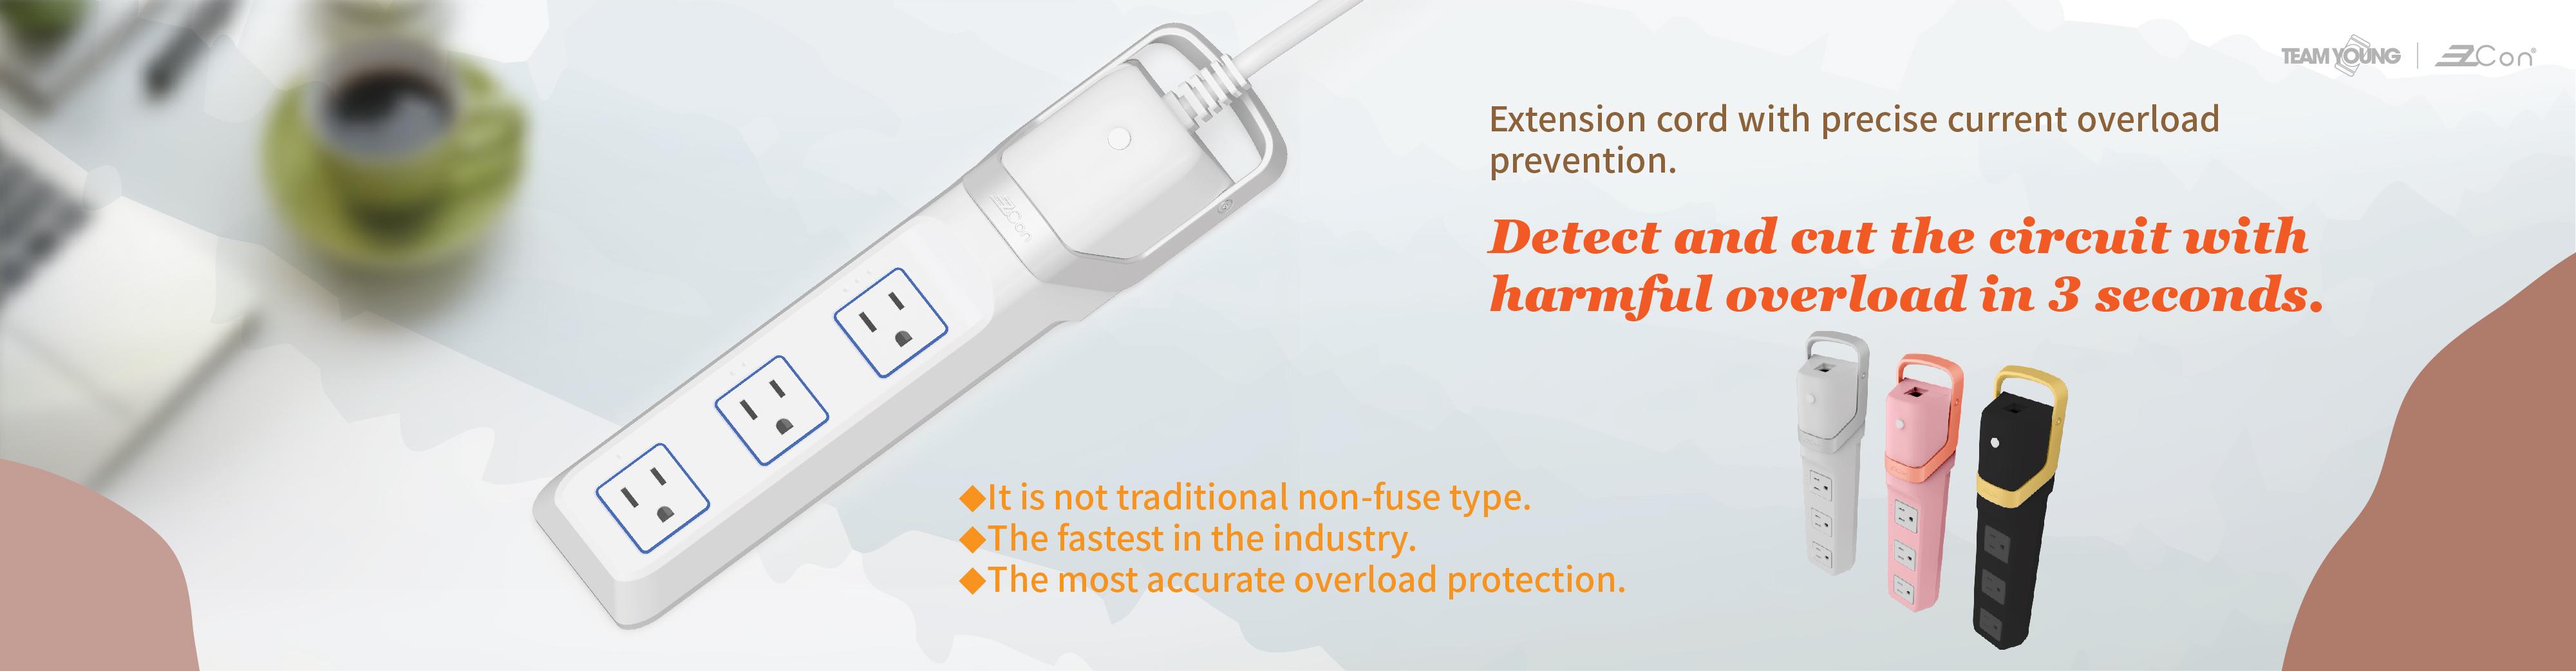 精密電流過載保護延長線有害過載3秒瞬斷